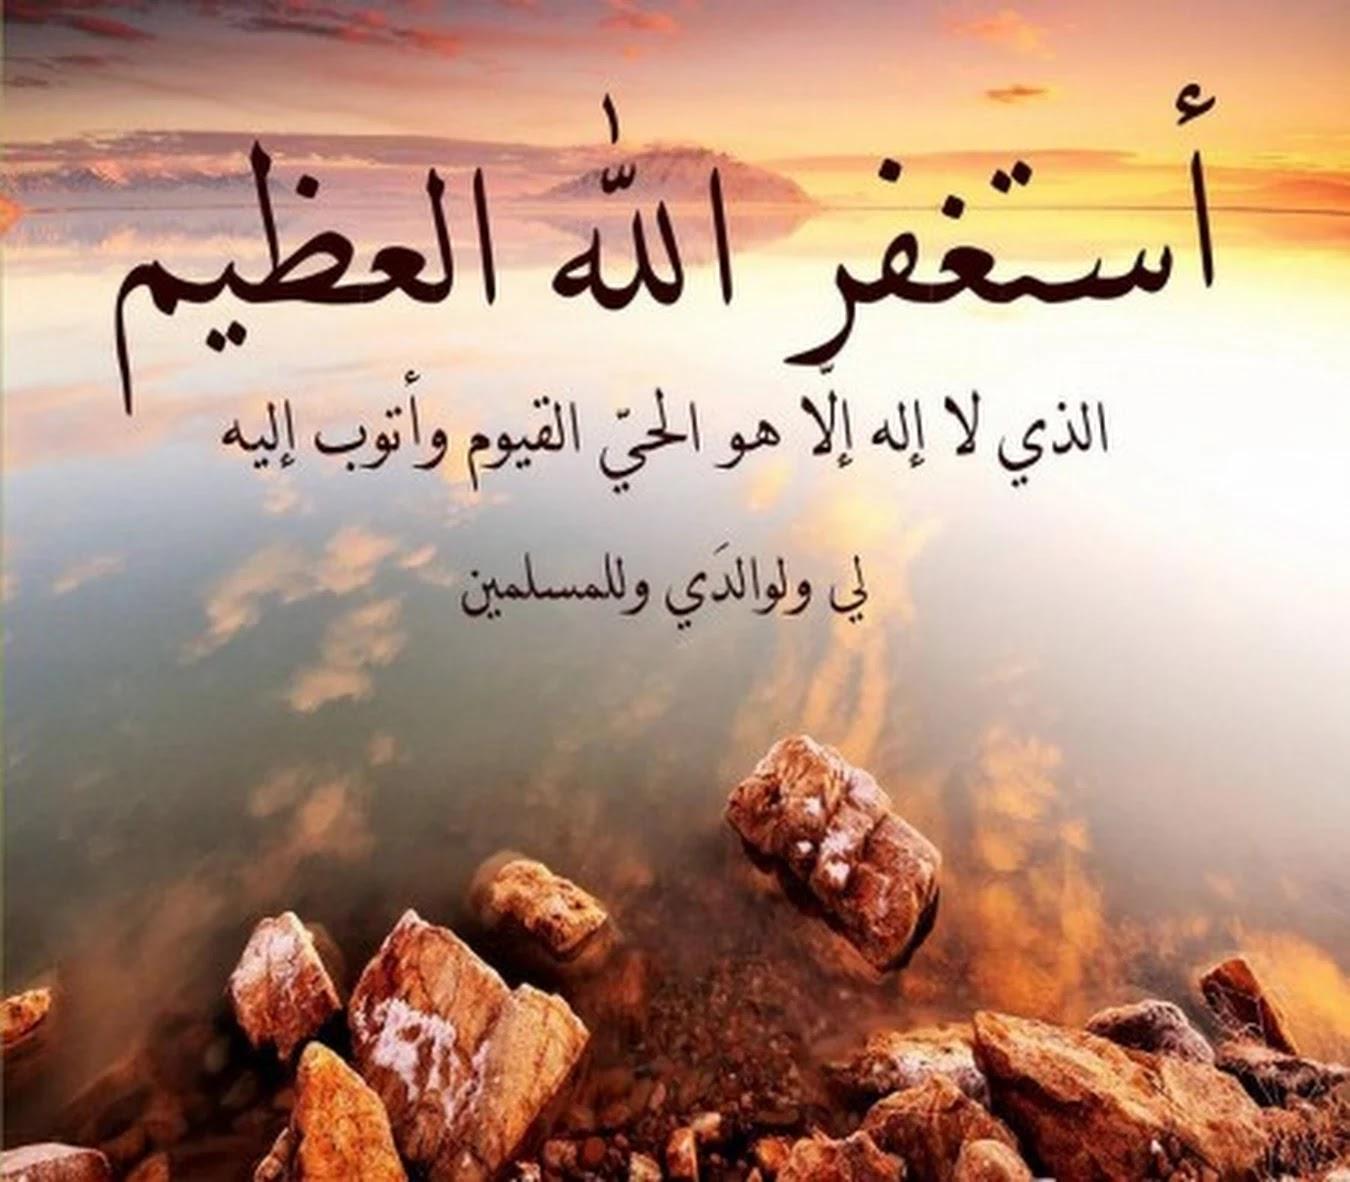 بالصور اجمل الصور الدينية , احلى الرمزيات الاسلاميه للنشر 3066 5